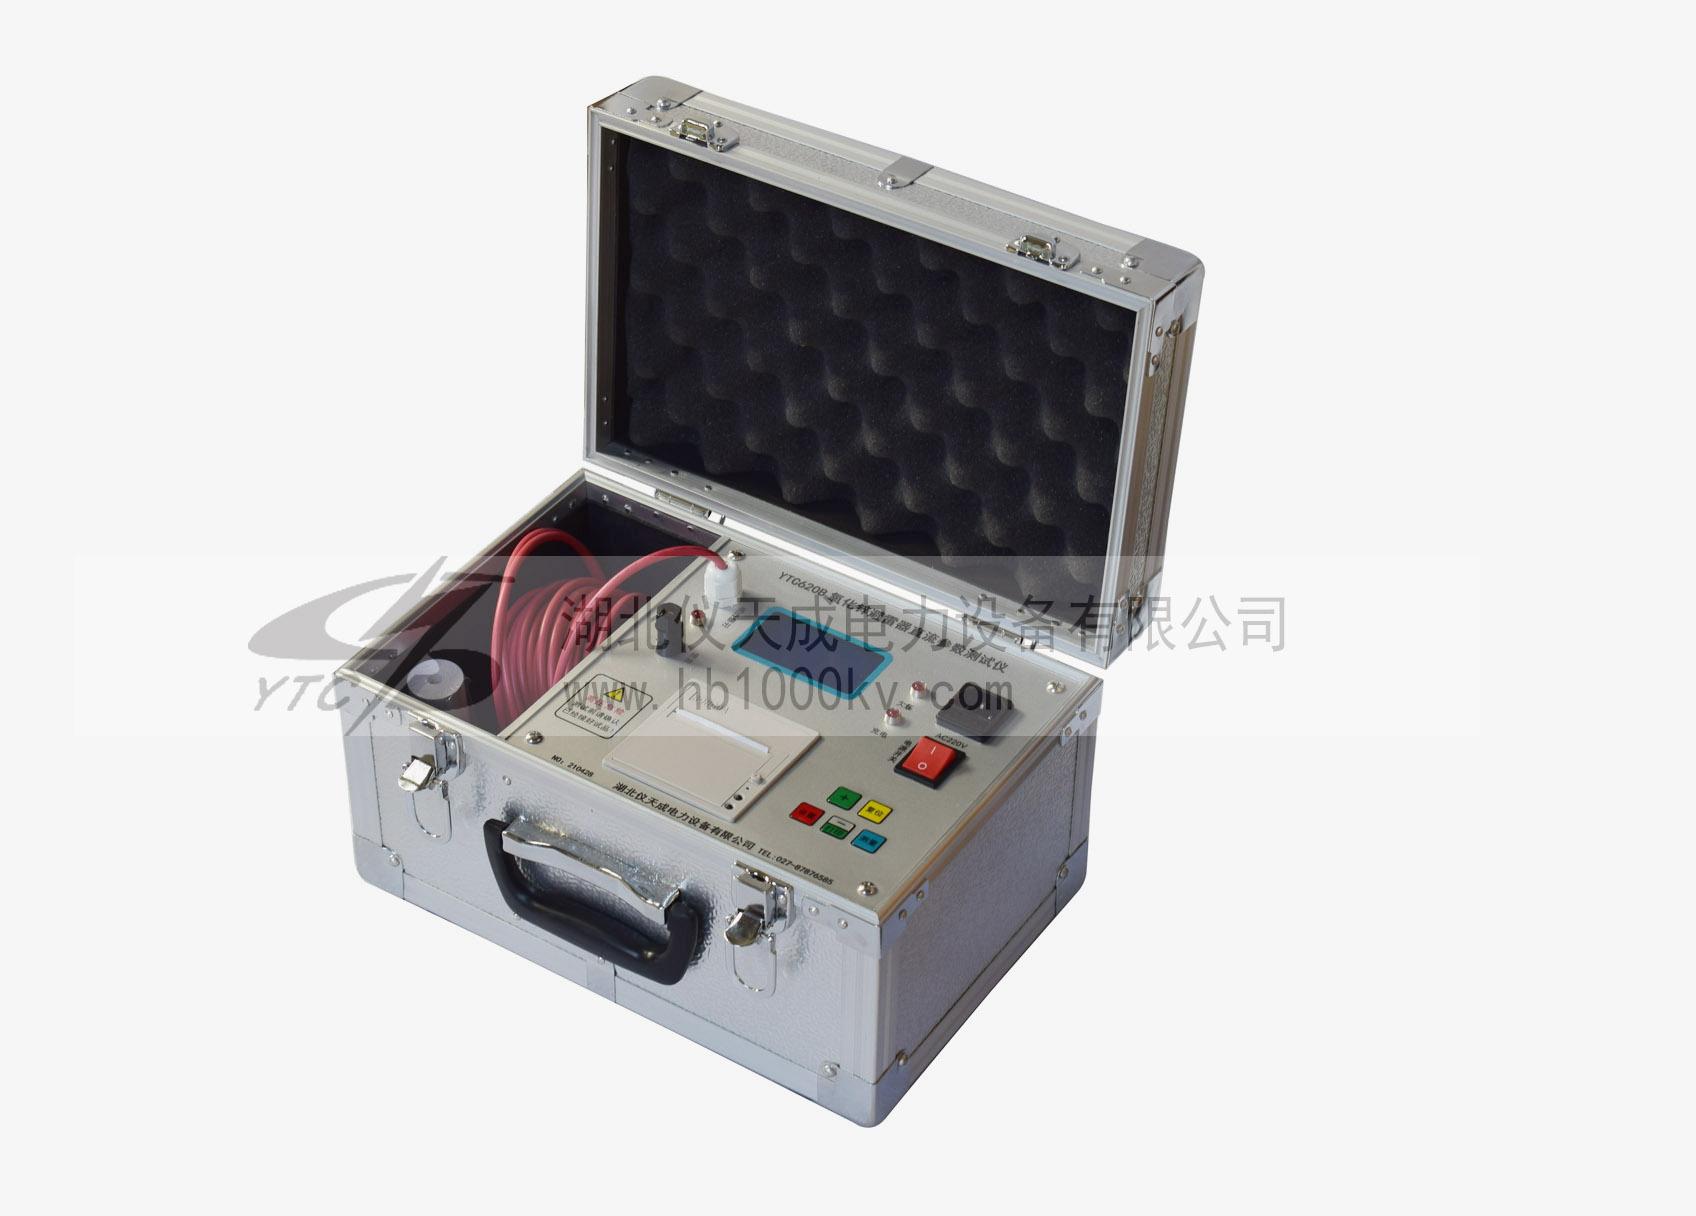 YTC620B氧化锌避雷器直流参数测试仪主机